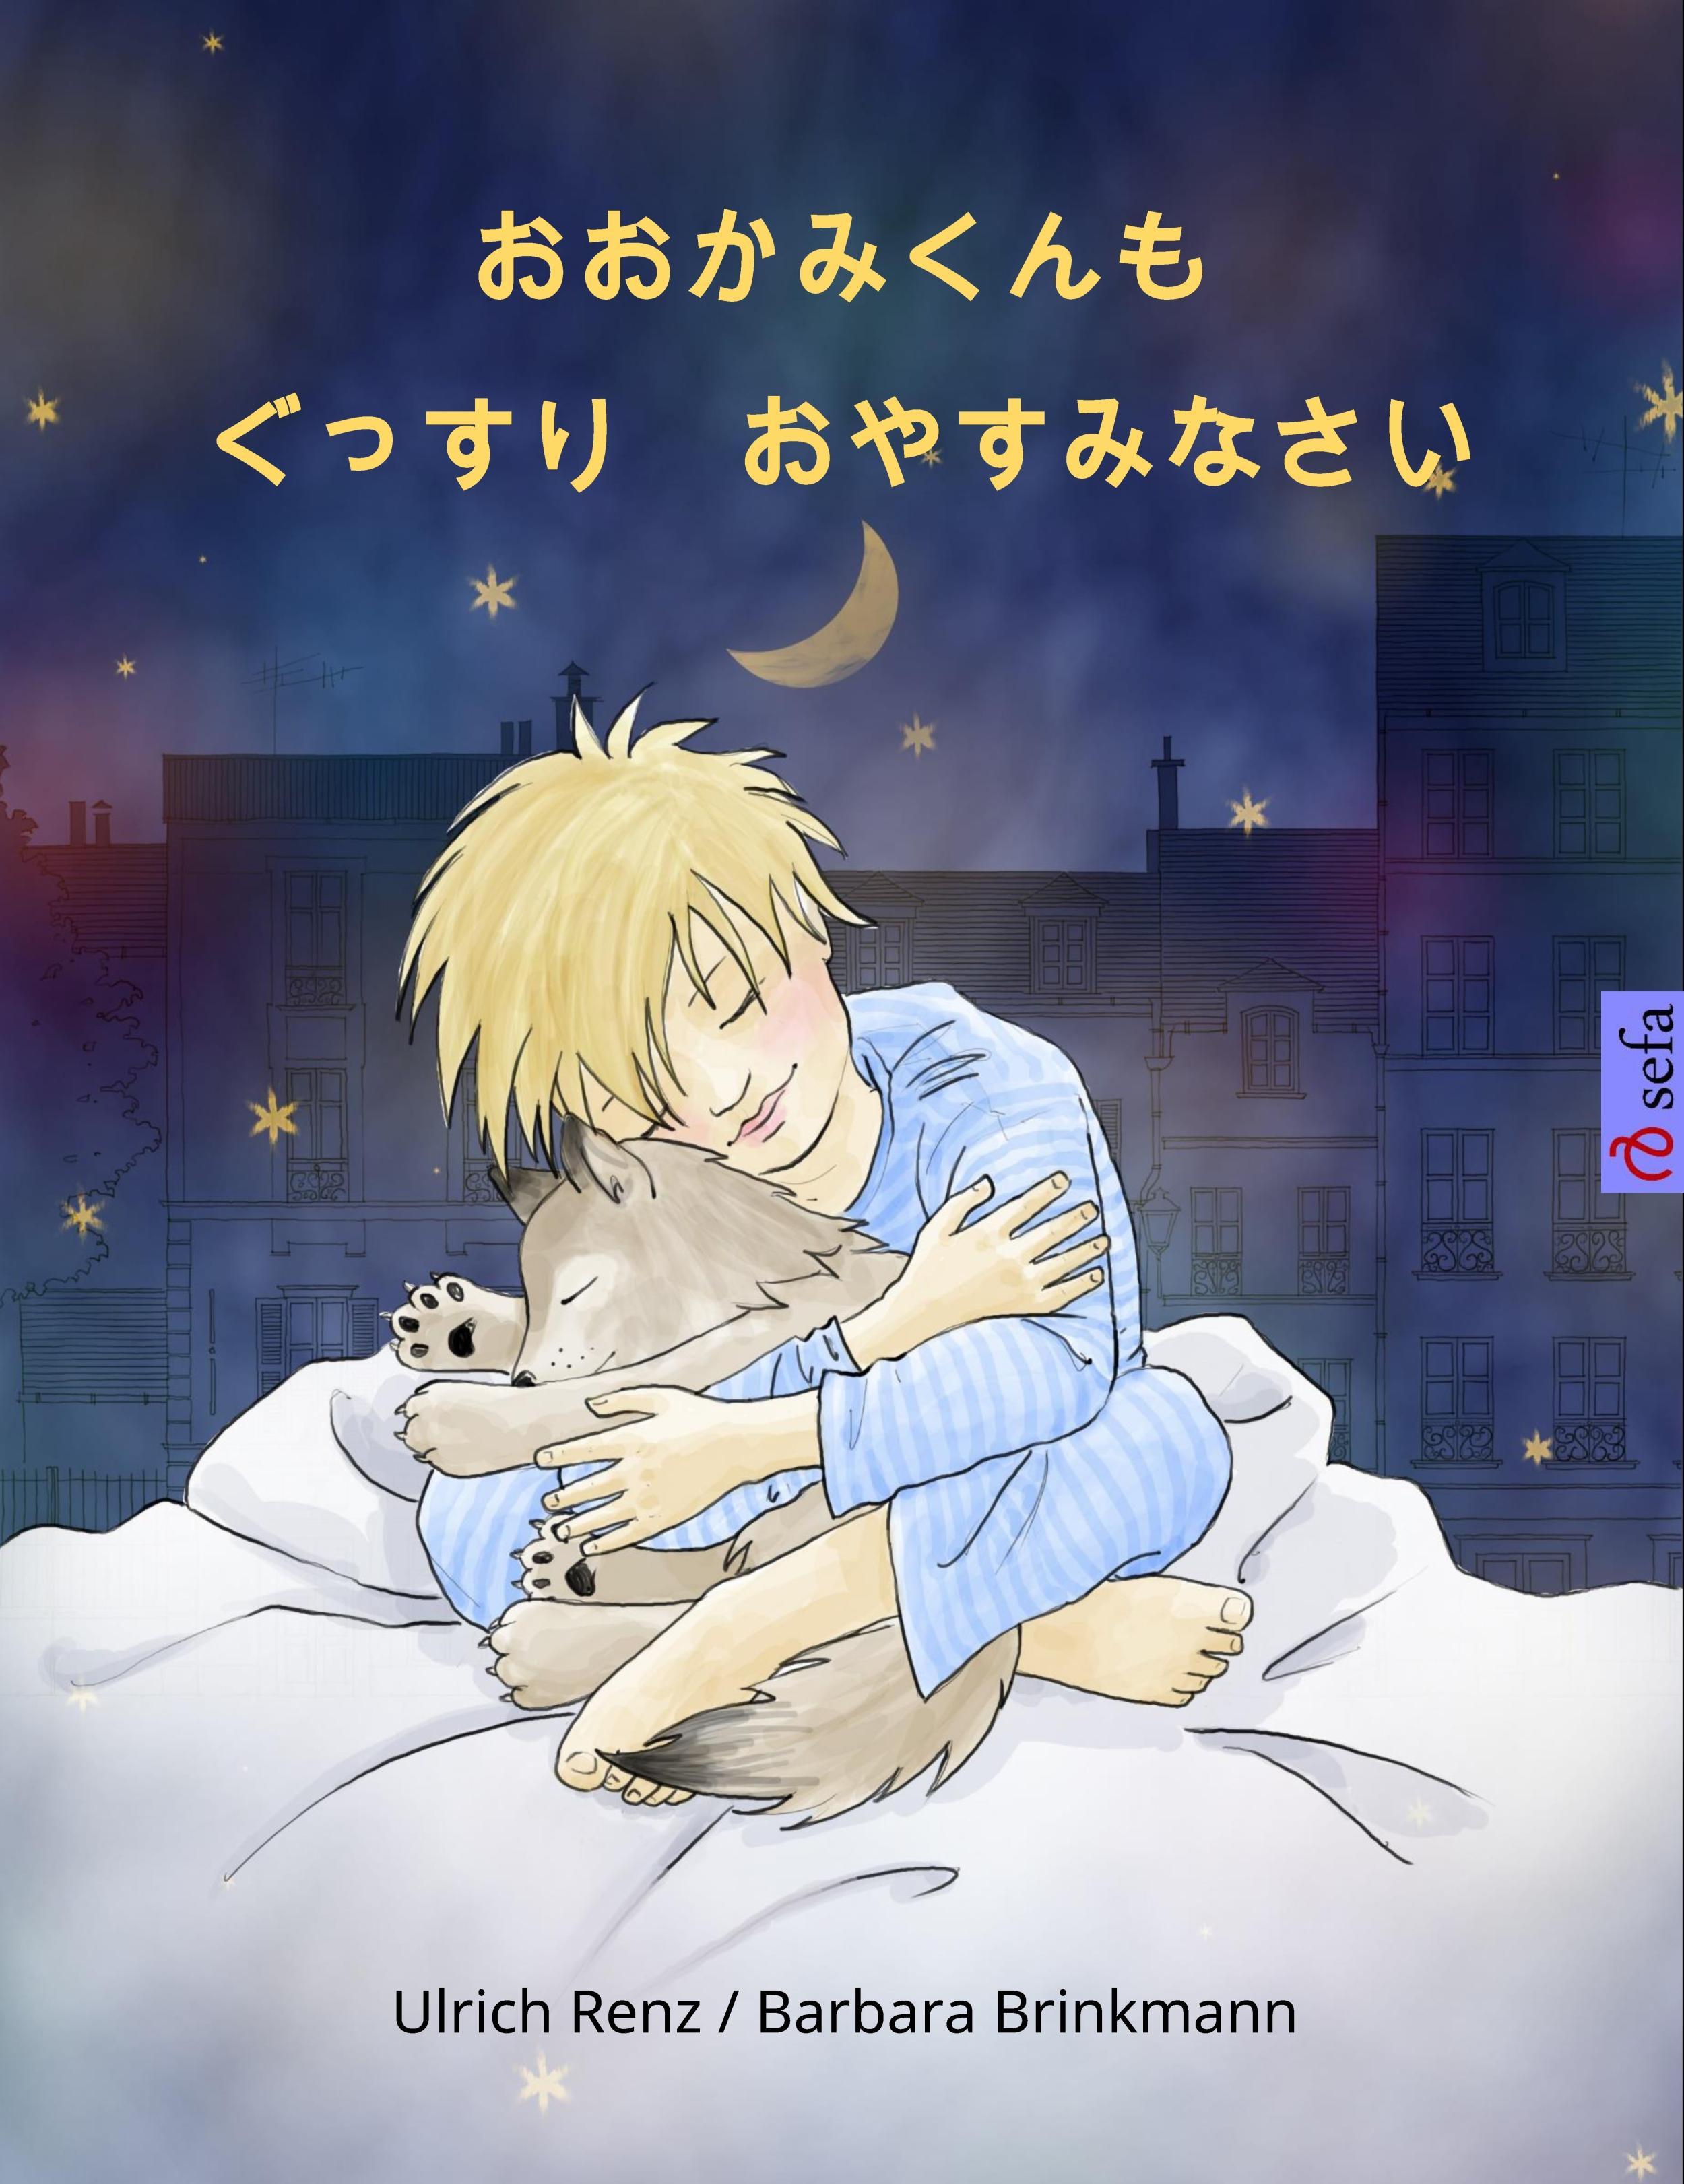 おおかみくんも ぐっすり おやすみなさい